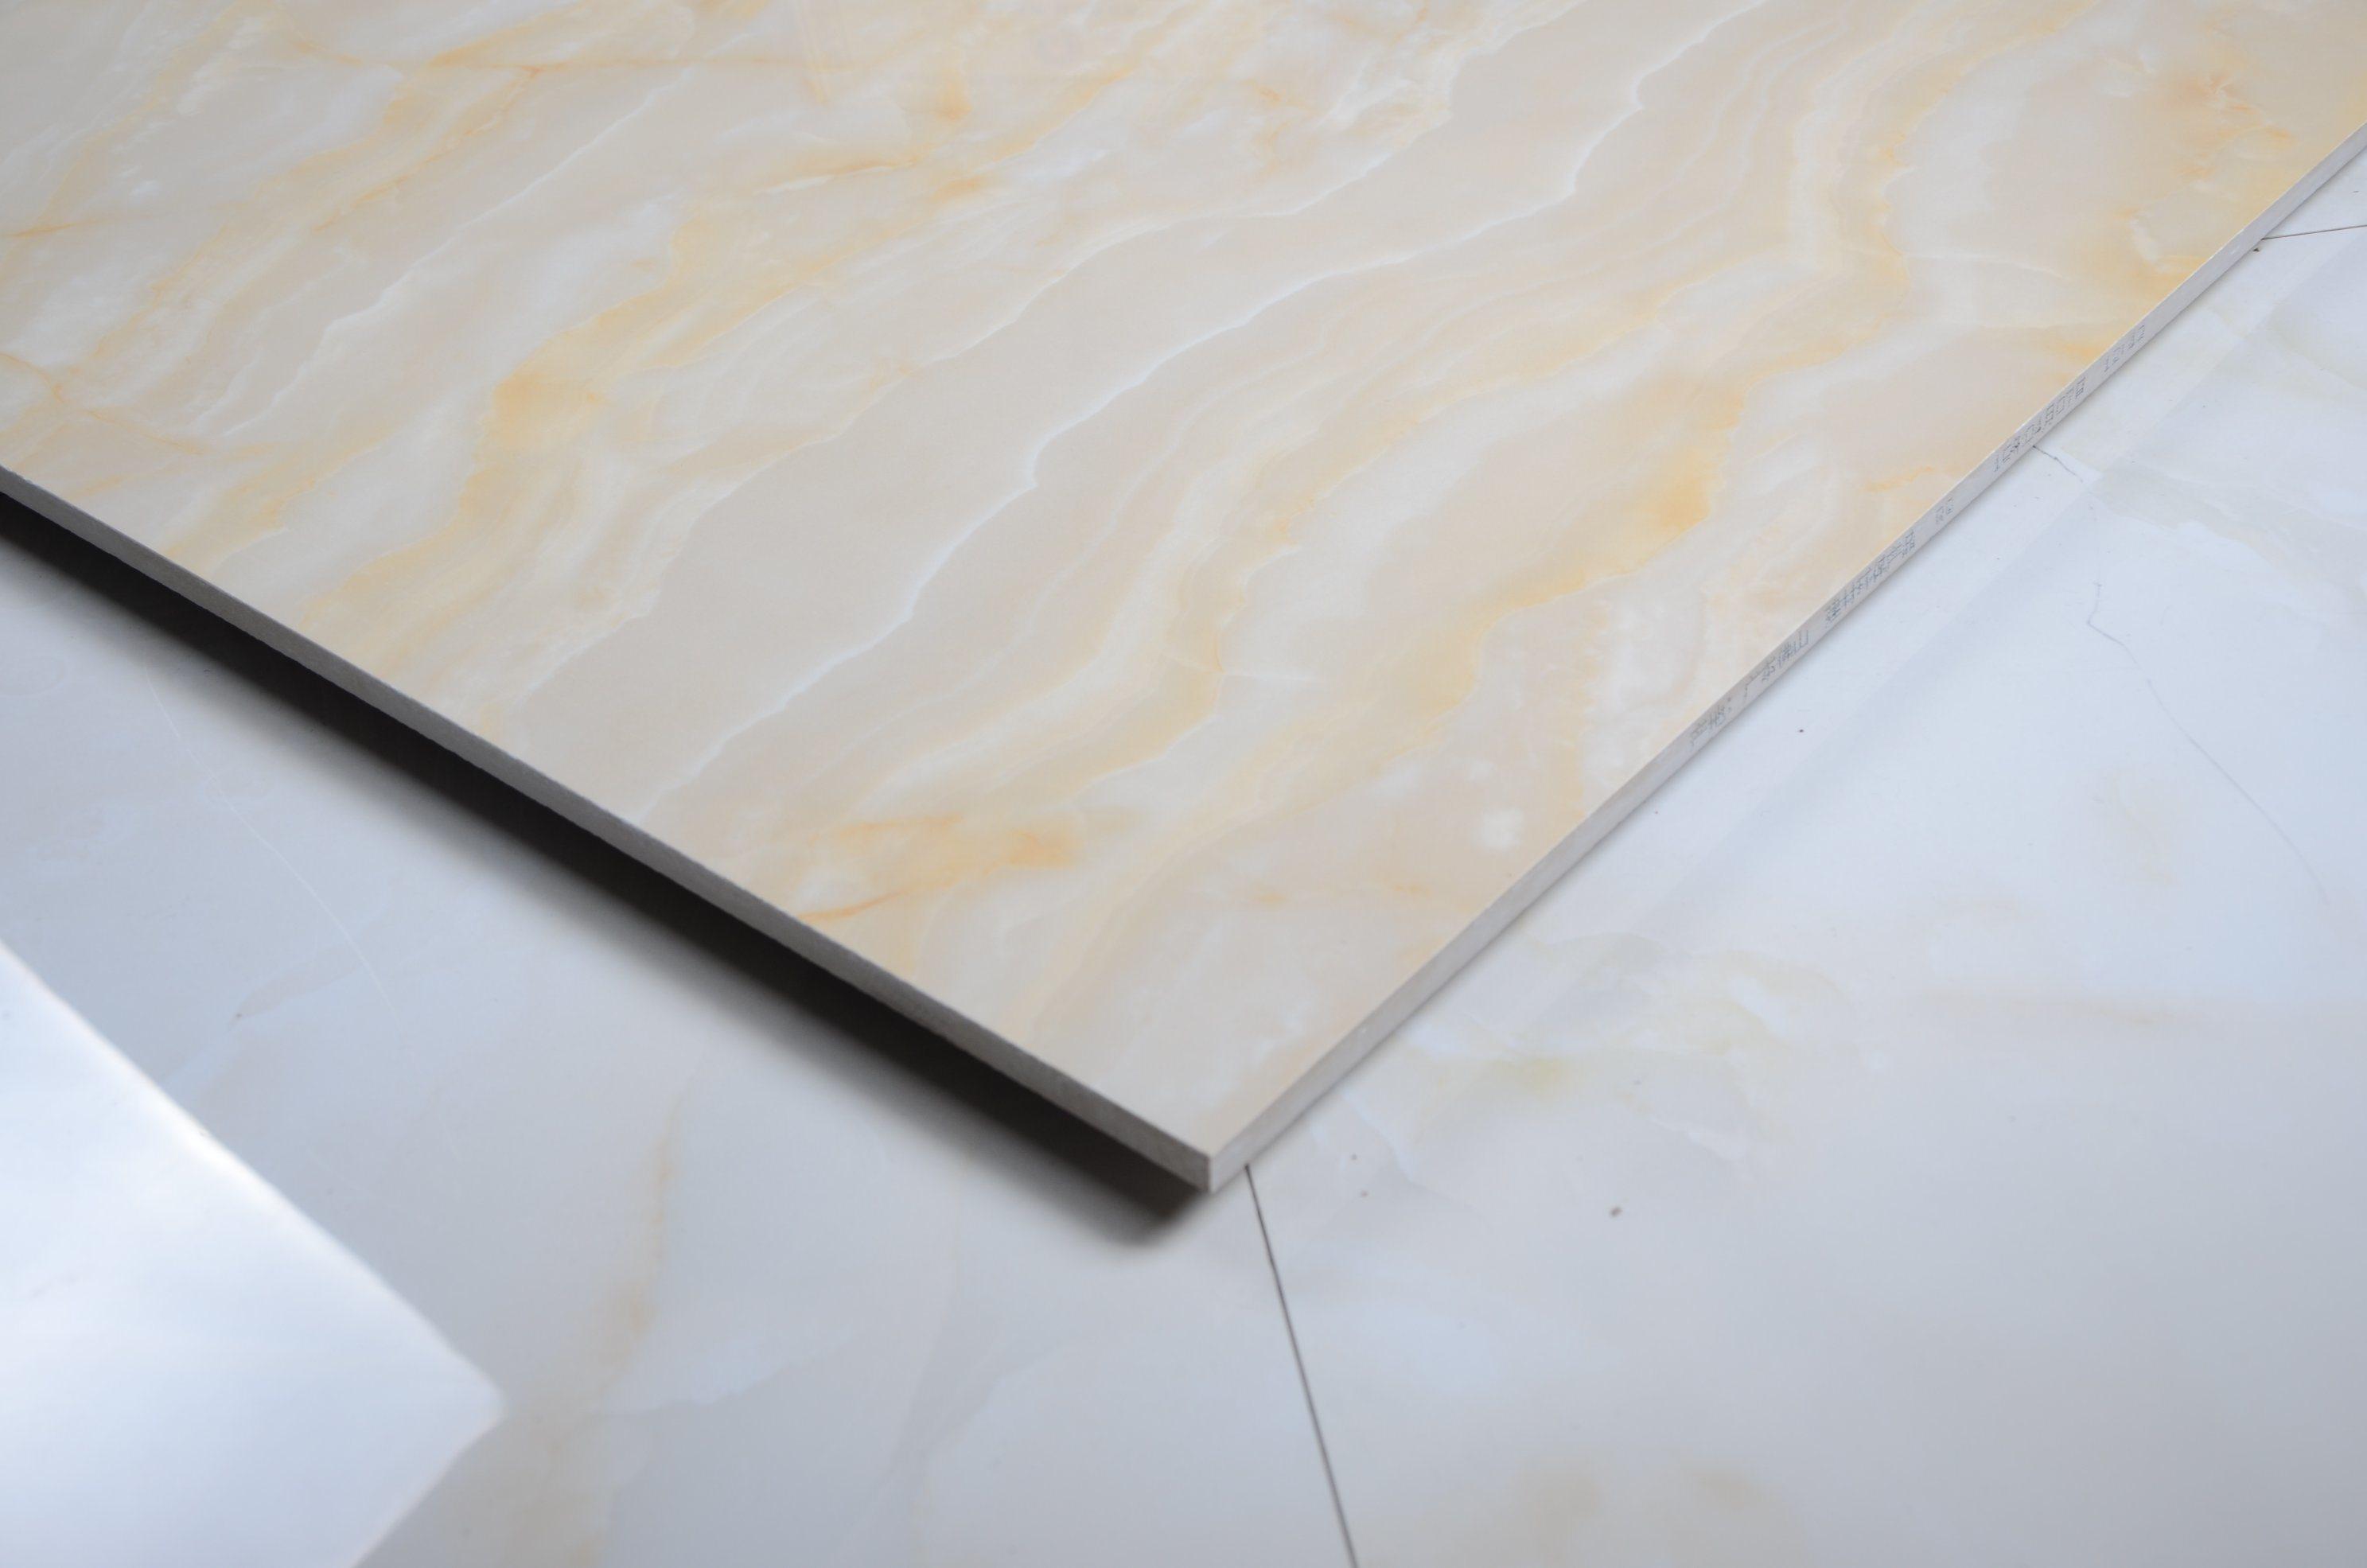 Fußboden Fliesen Zu Glatt ~ Baumaterial fußboden fliese keramische fußboden fliese glasig